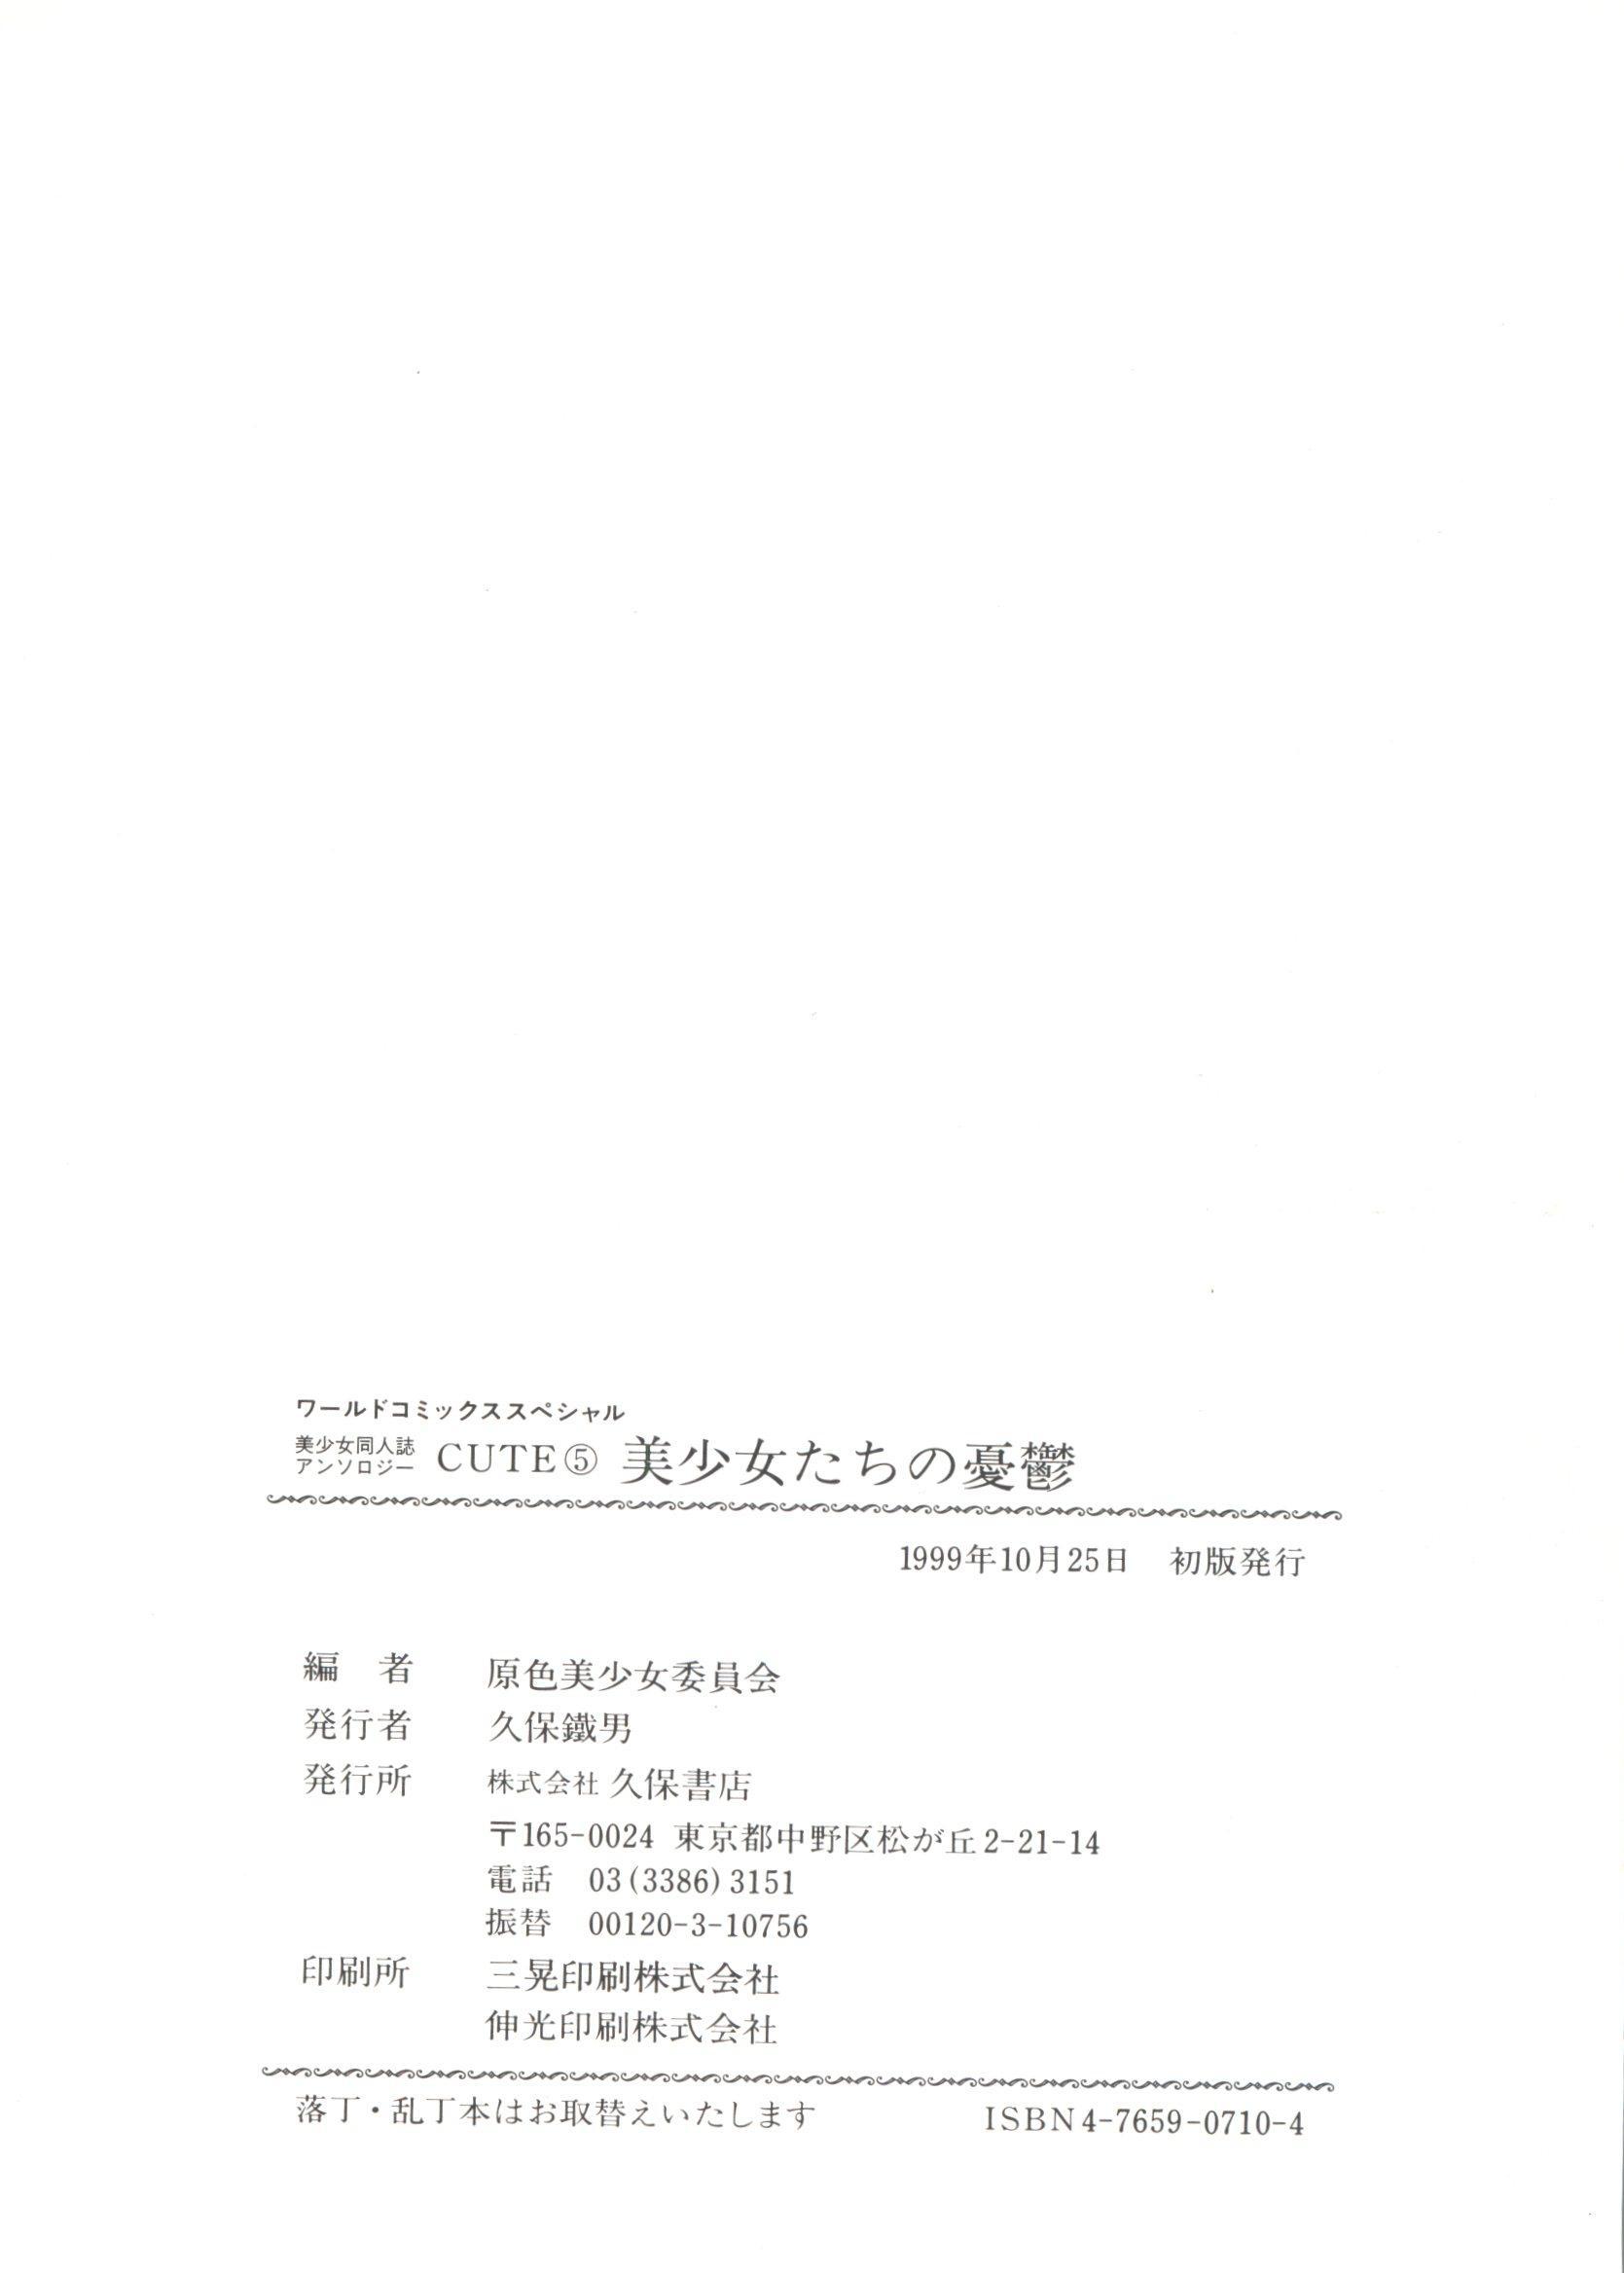 Bishoujo Doujinshi Anthology Cute 5 142